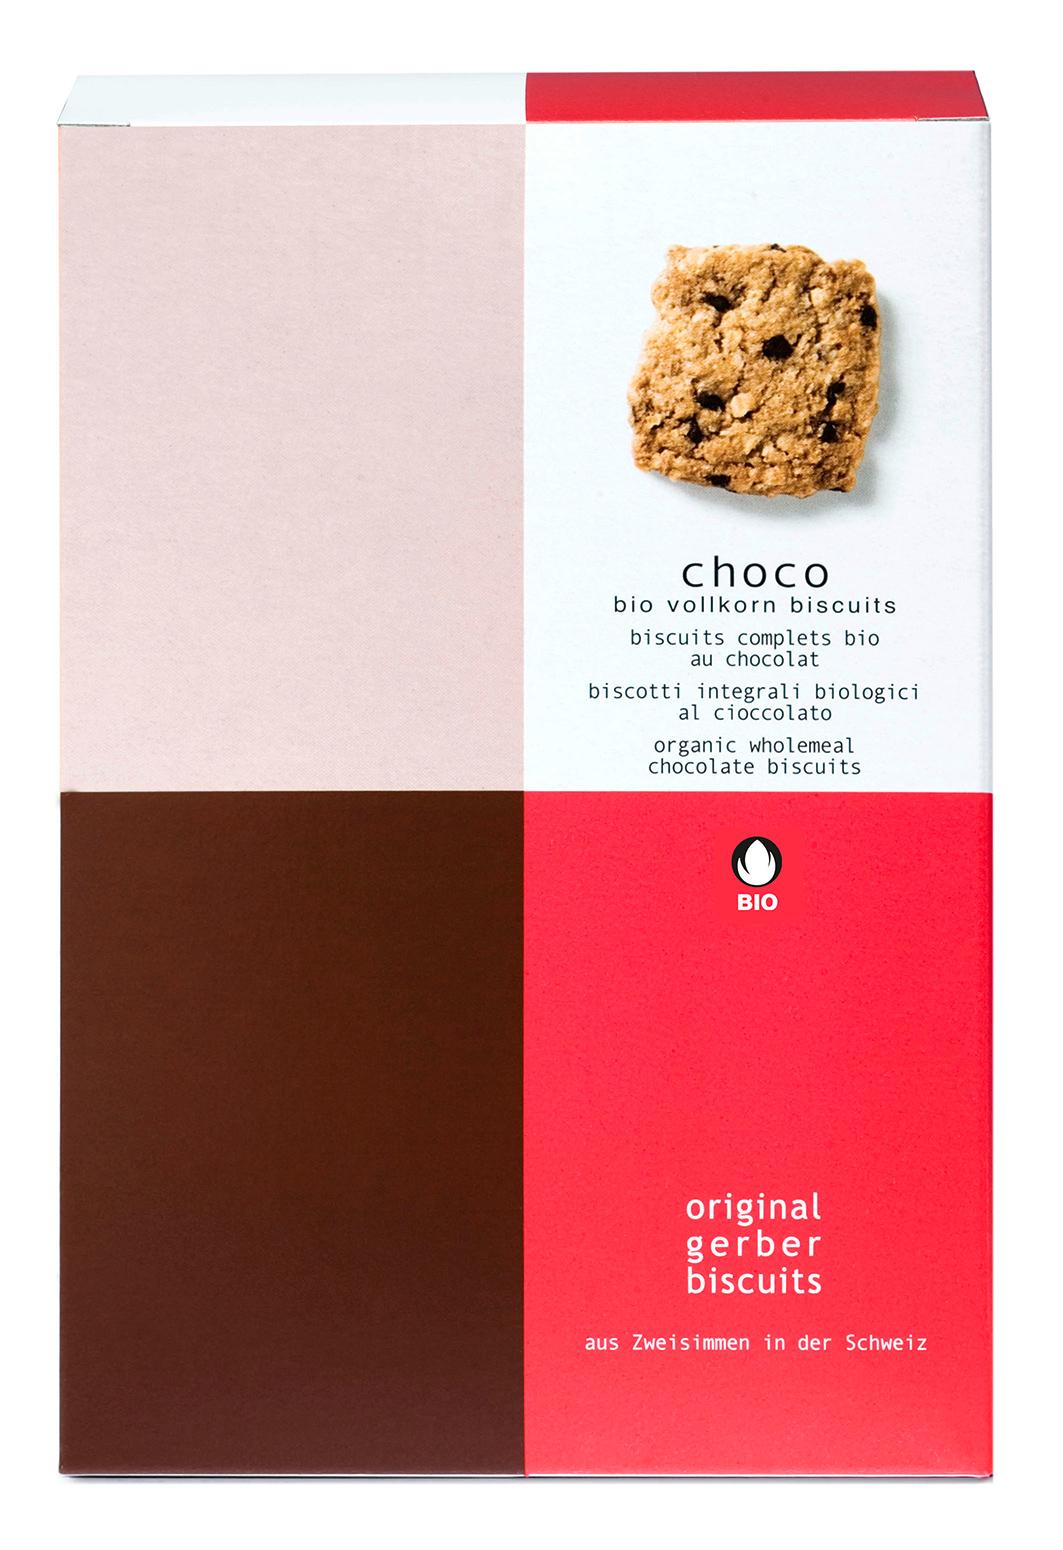 Bio Choco Biscuits